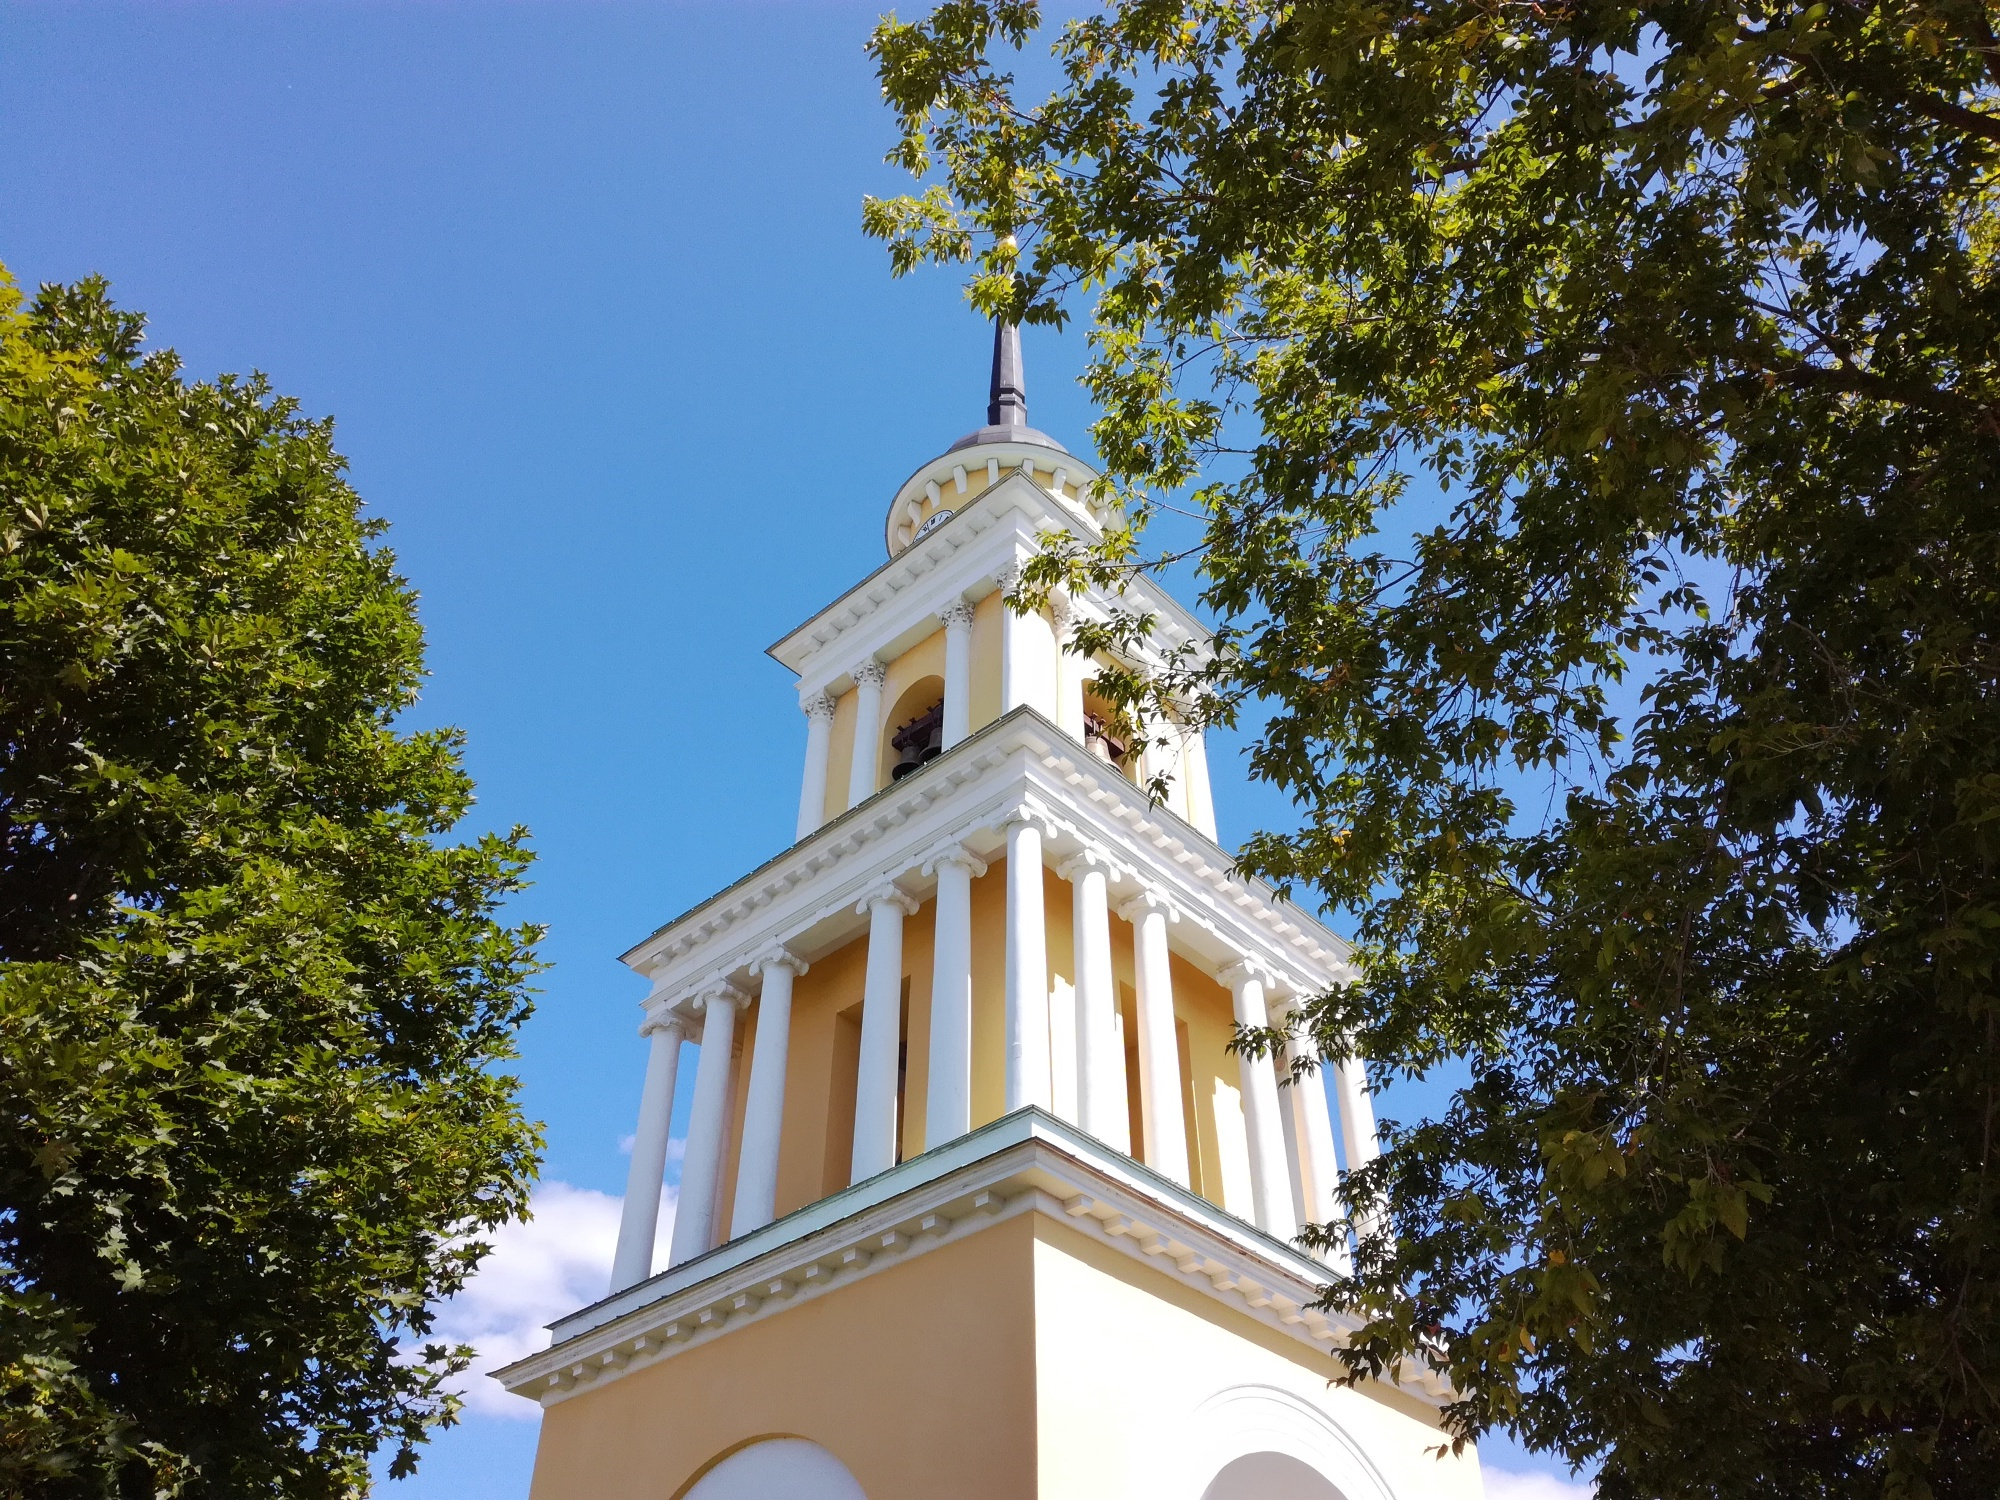 Колокольня Свято-Троицкого монастыря, Селижарово, Россия